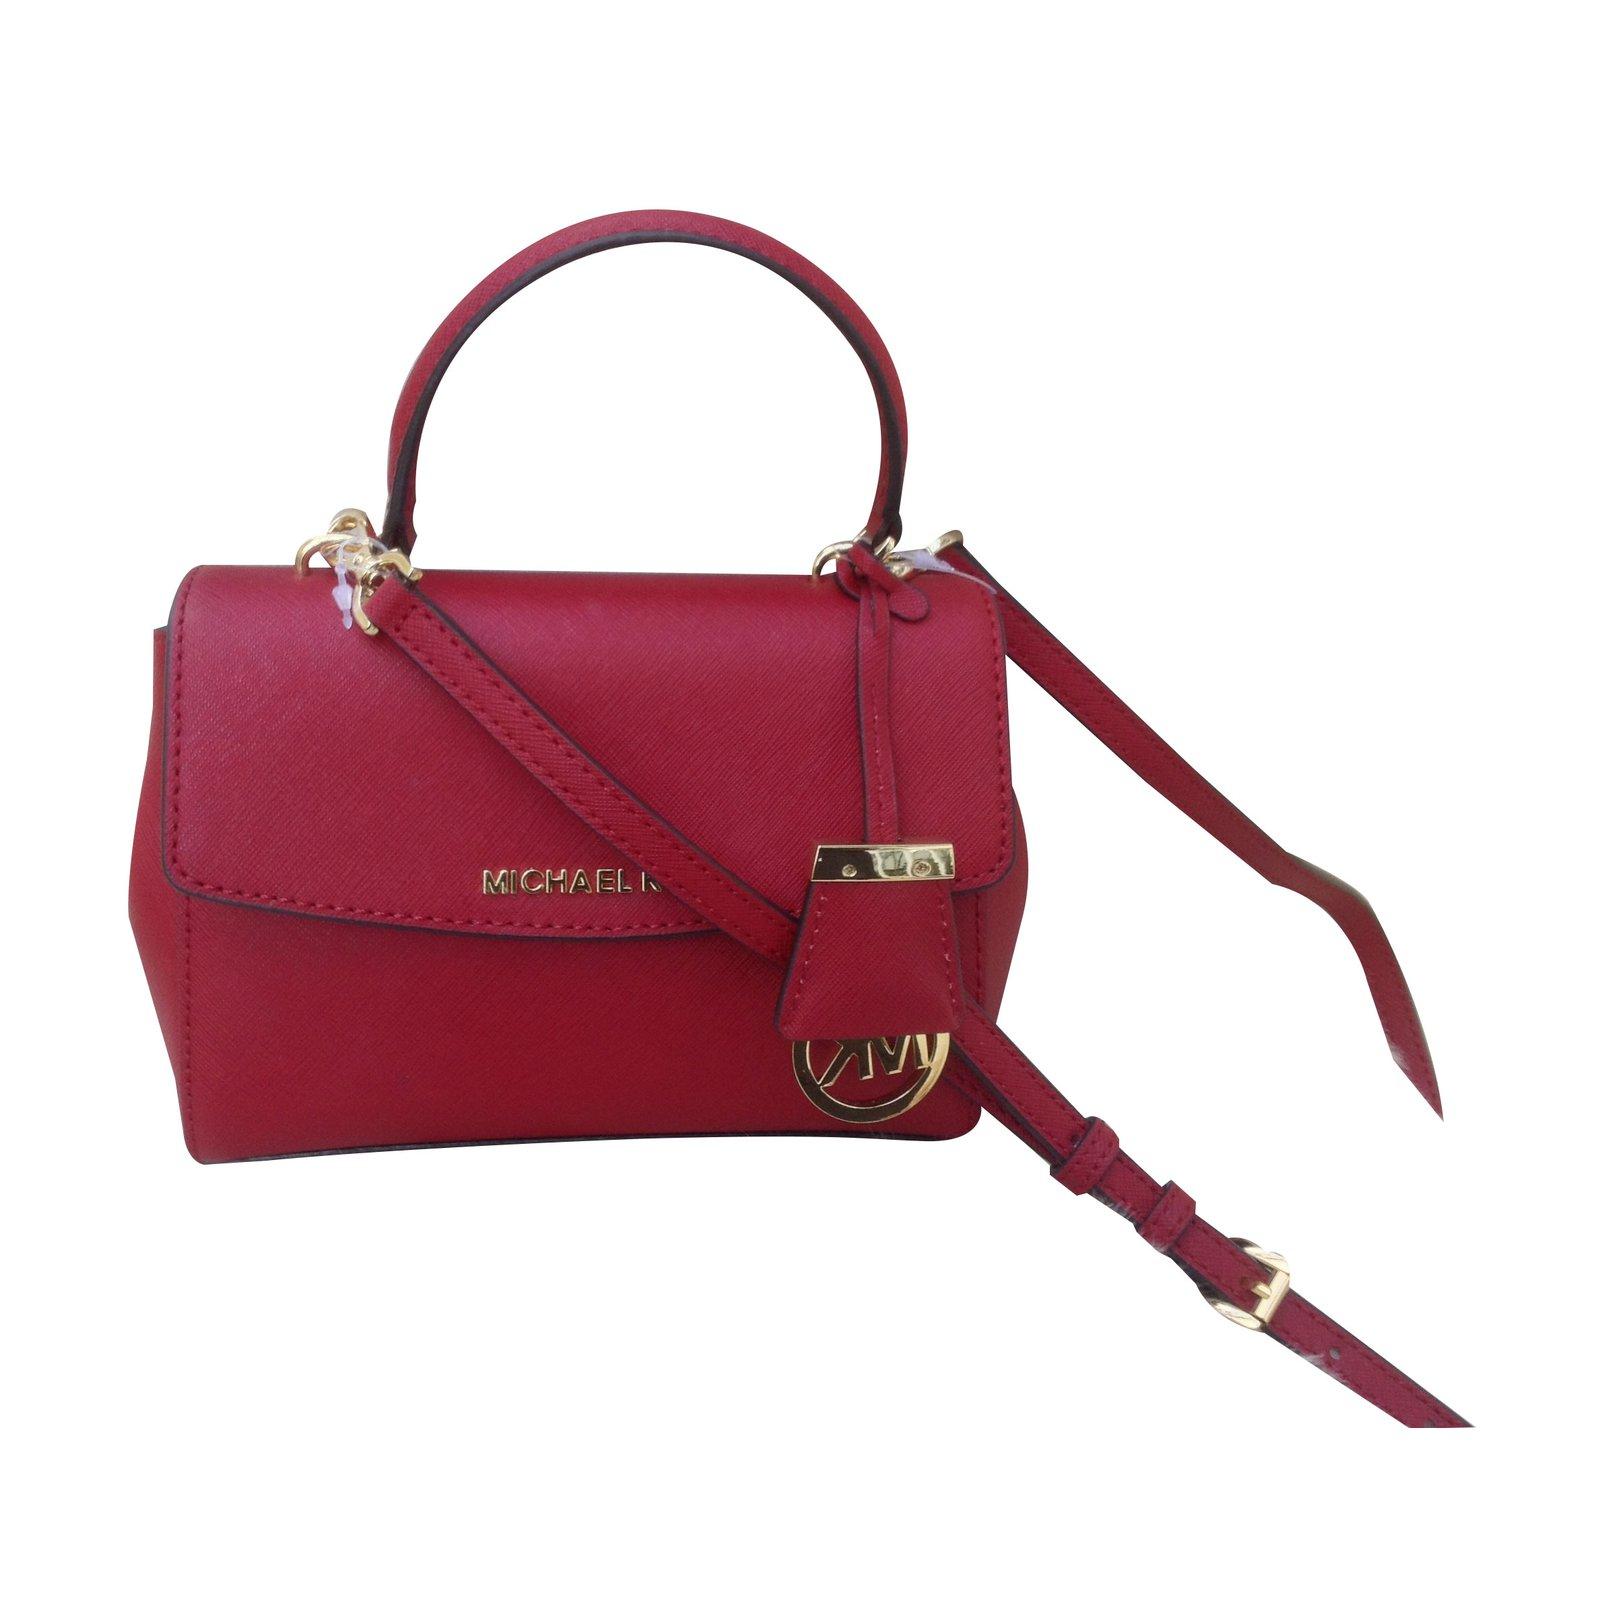 pictures of michael kors handbags